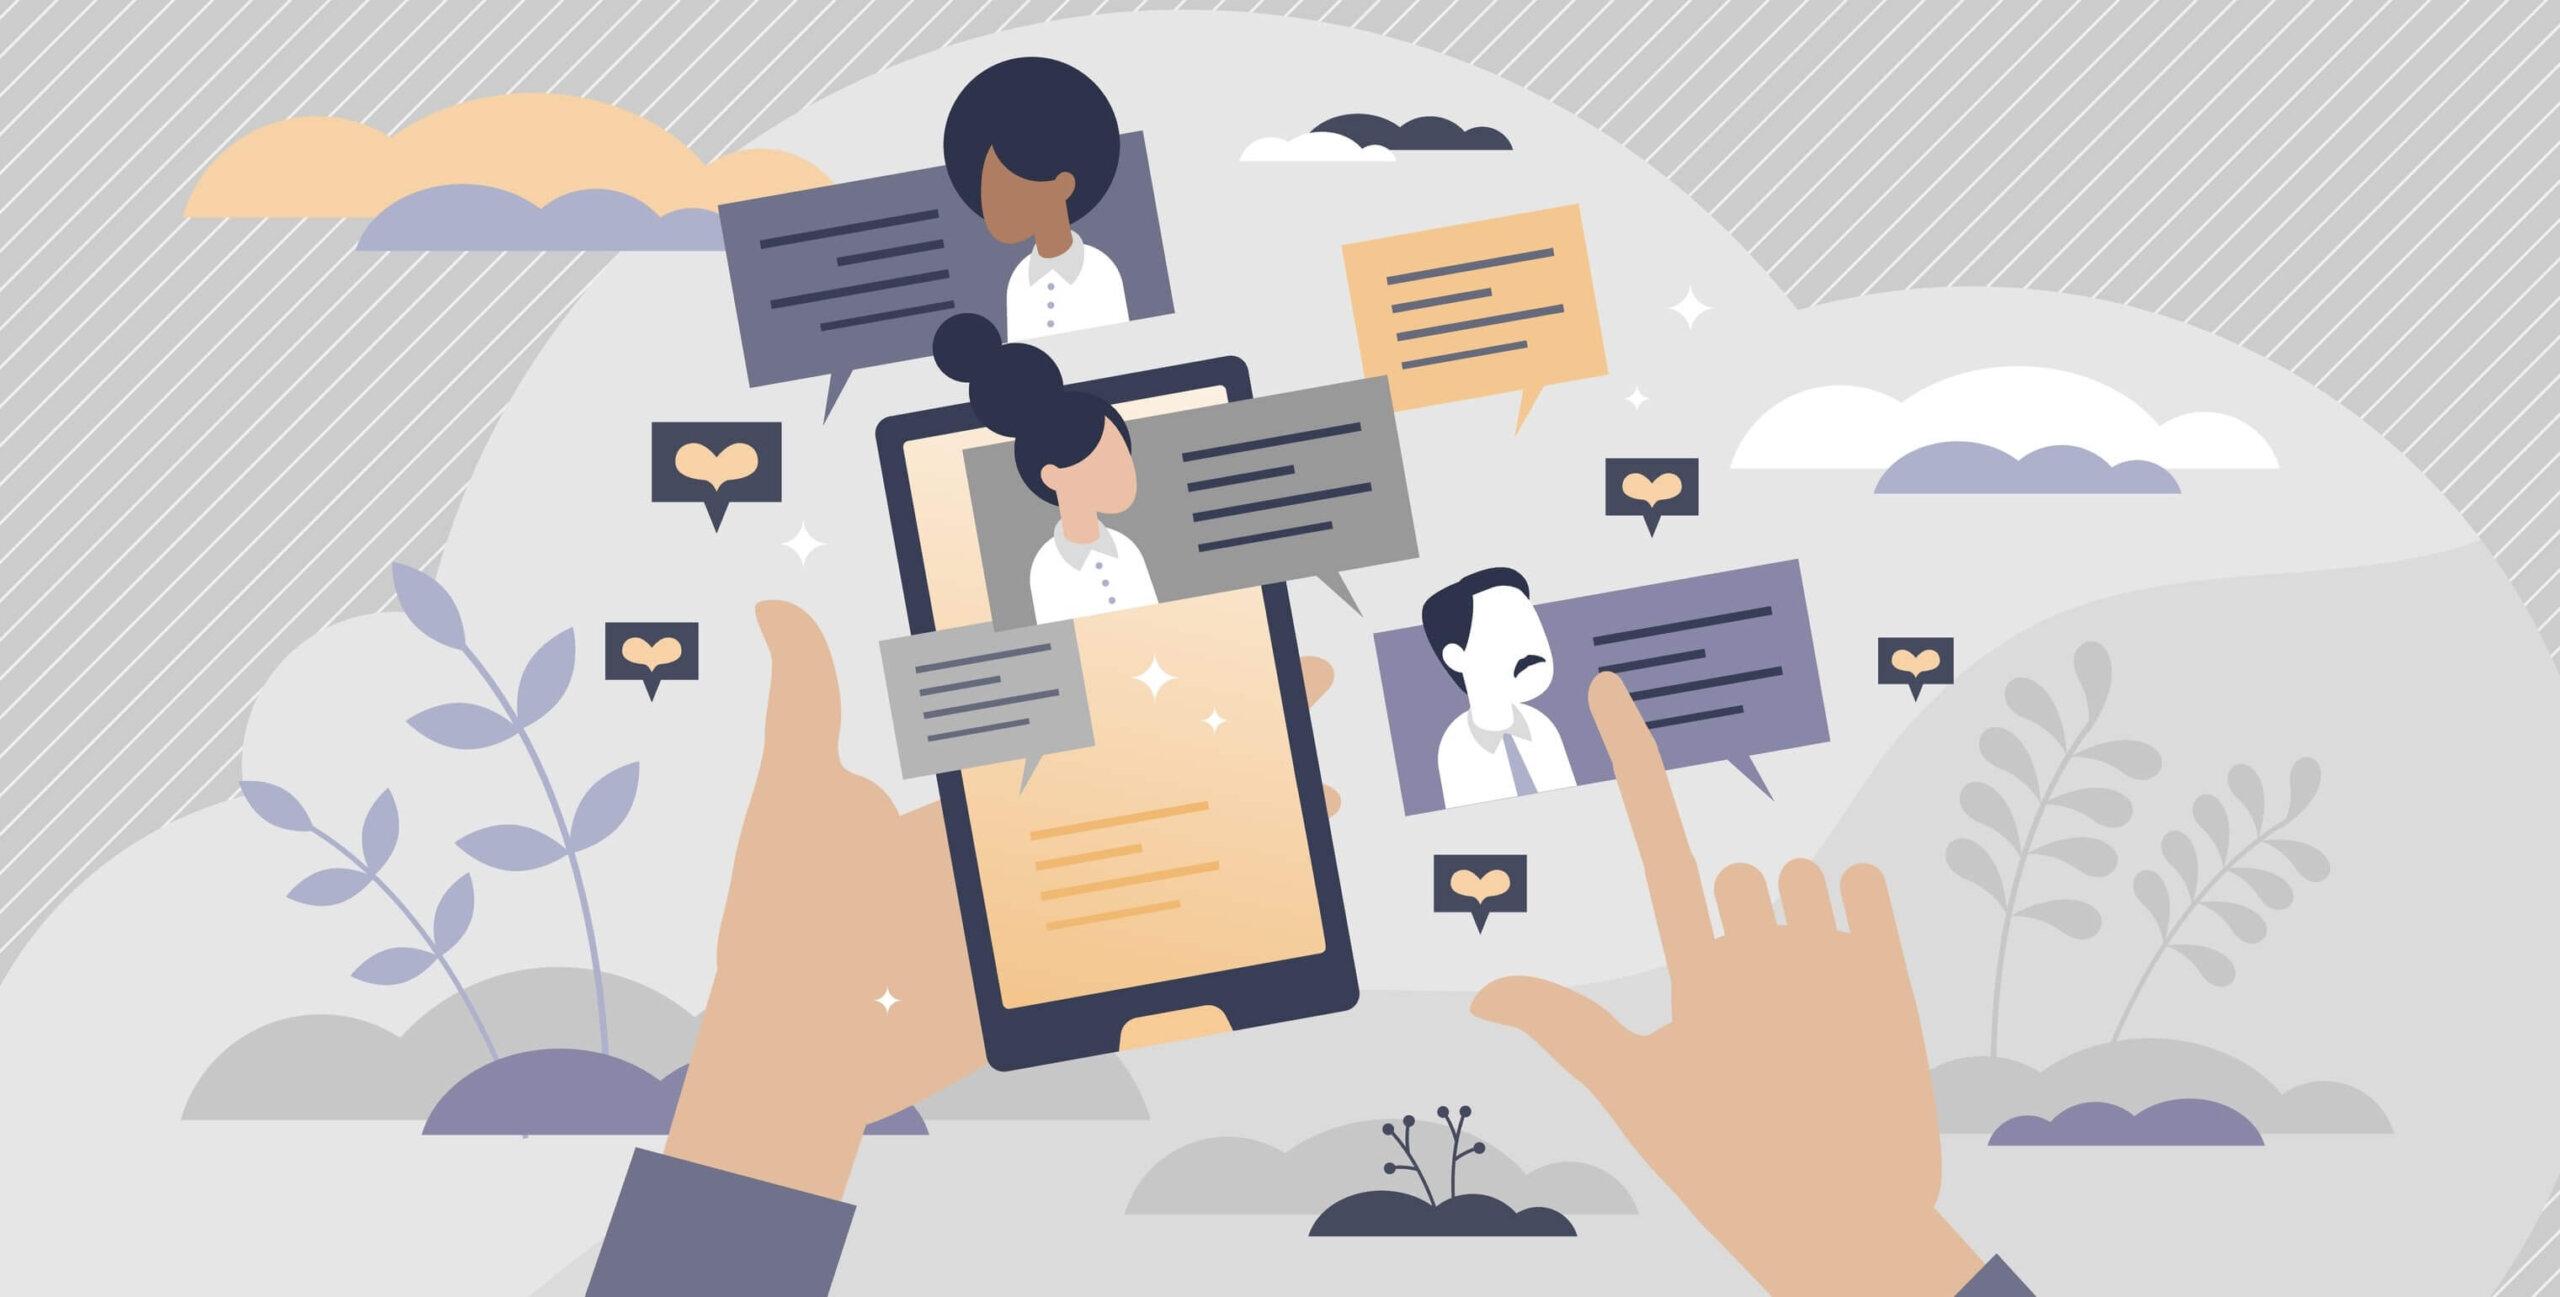 ブログを多くの人に見てもらうために必要な6つのポイント